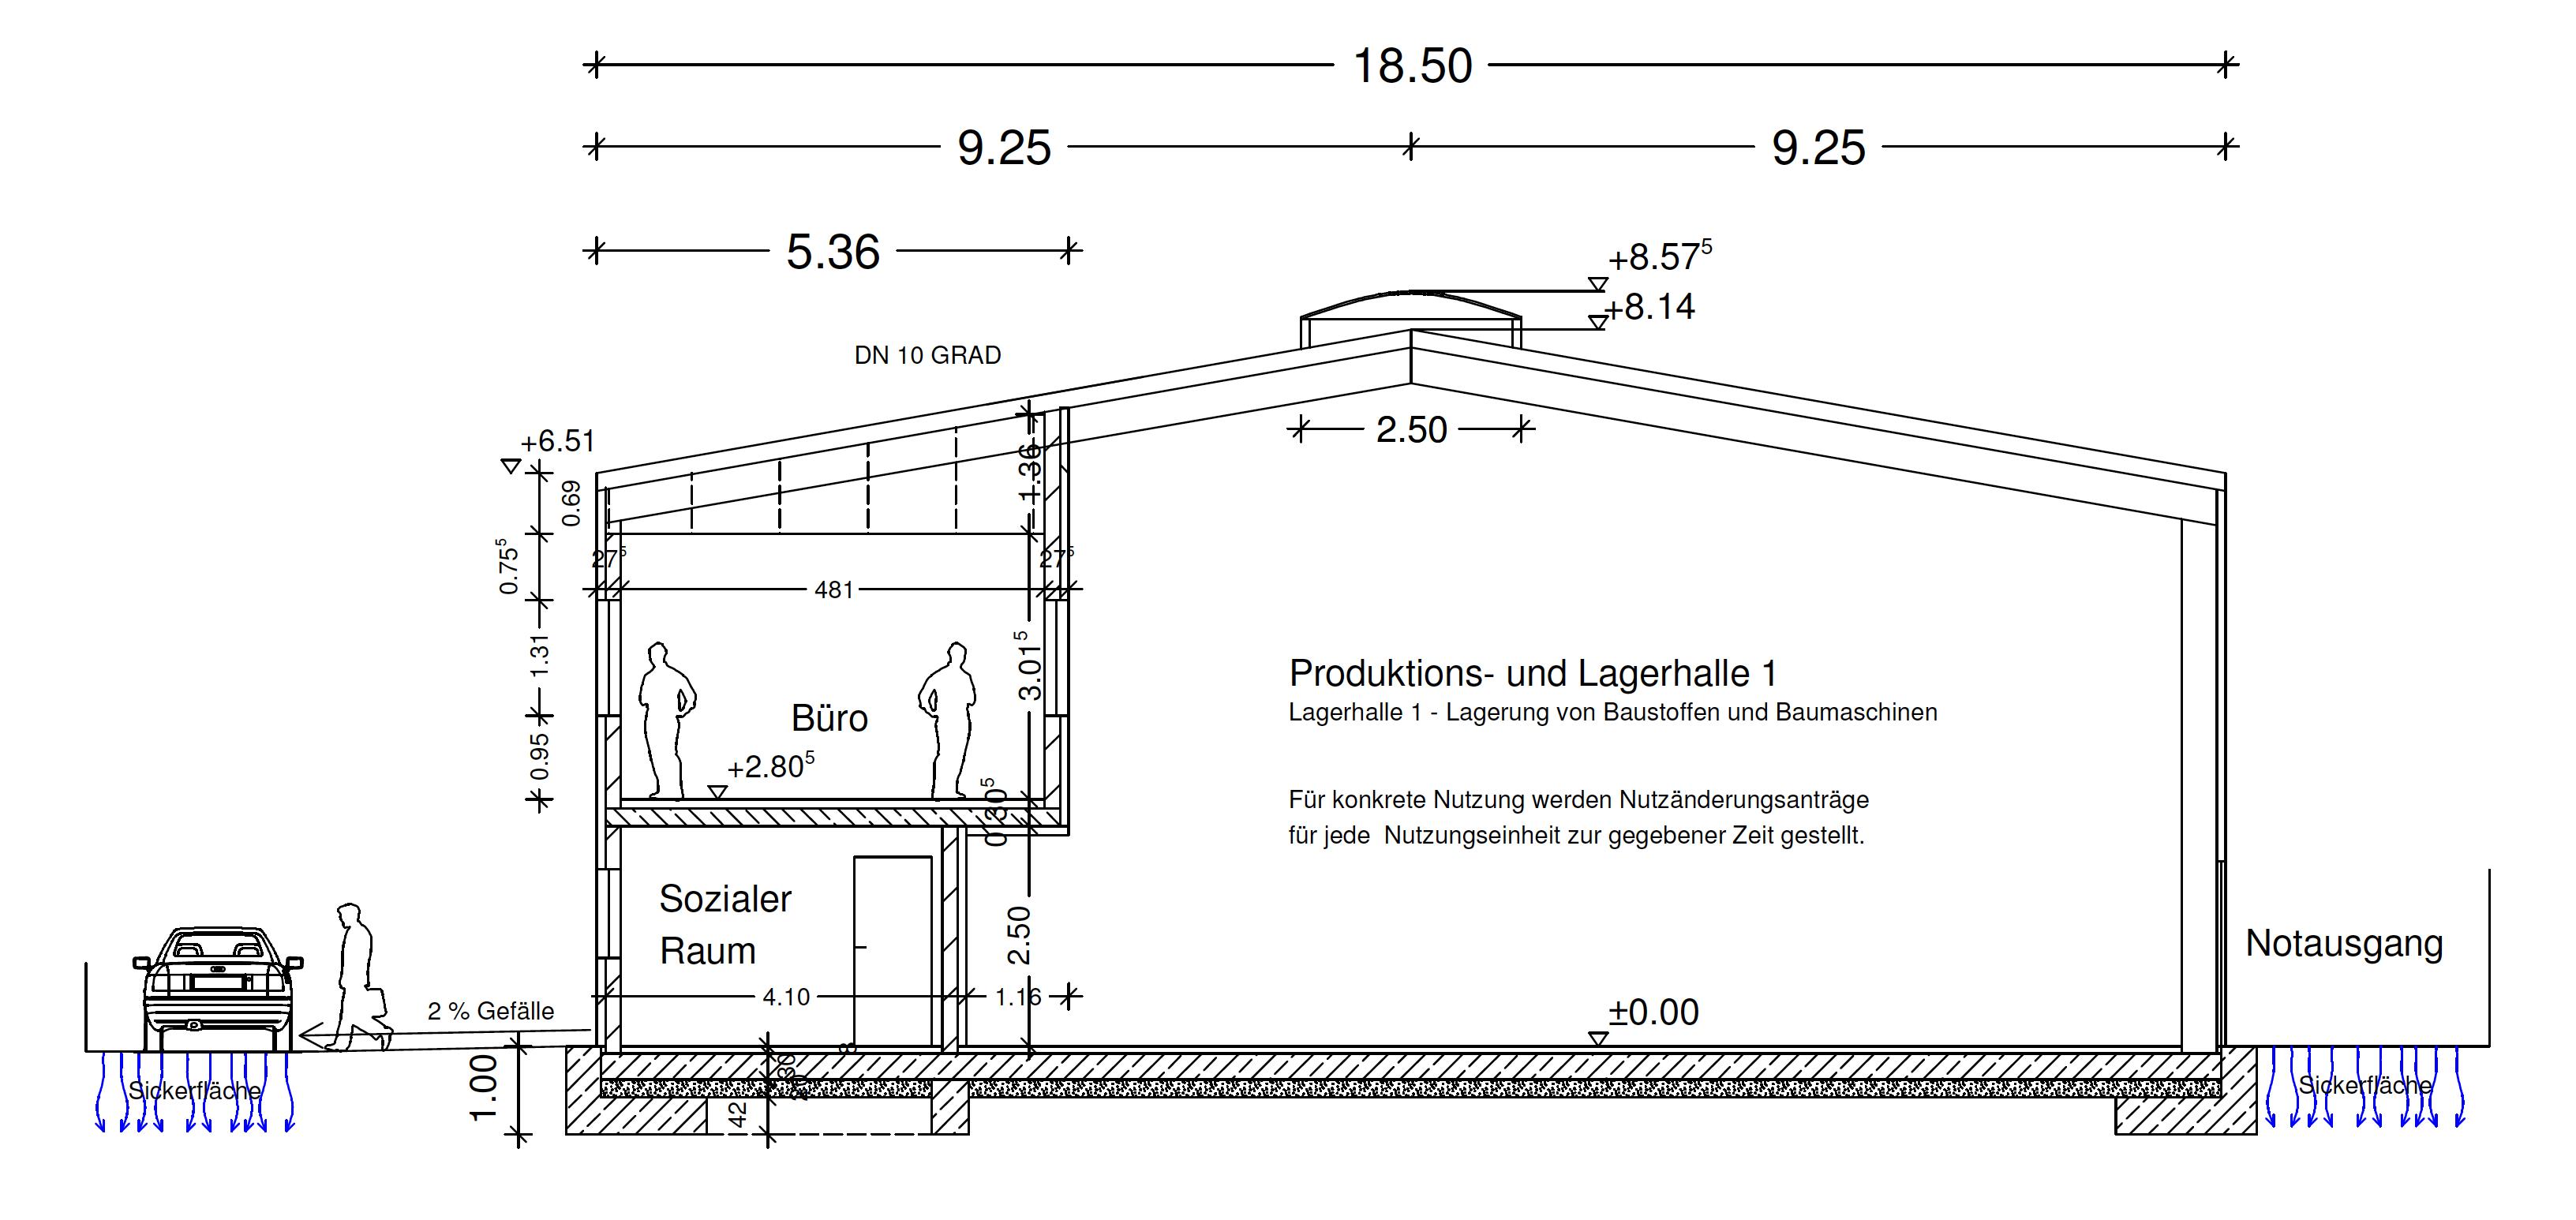 Skizze einer Produktions- und Lagerhalle